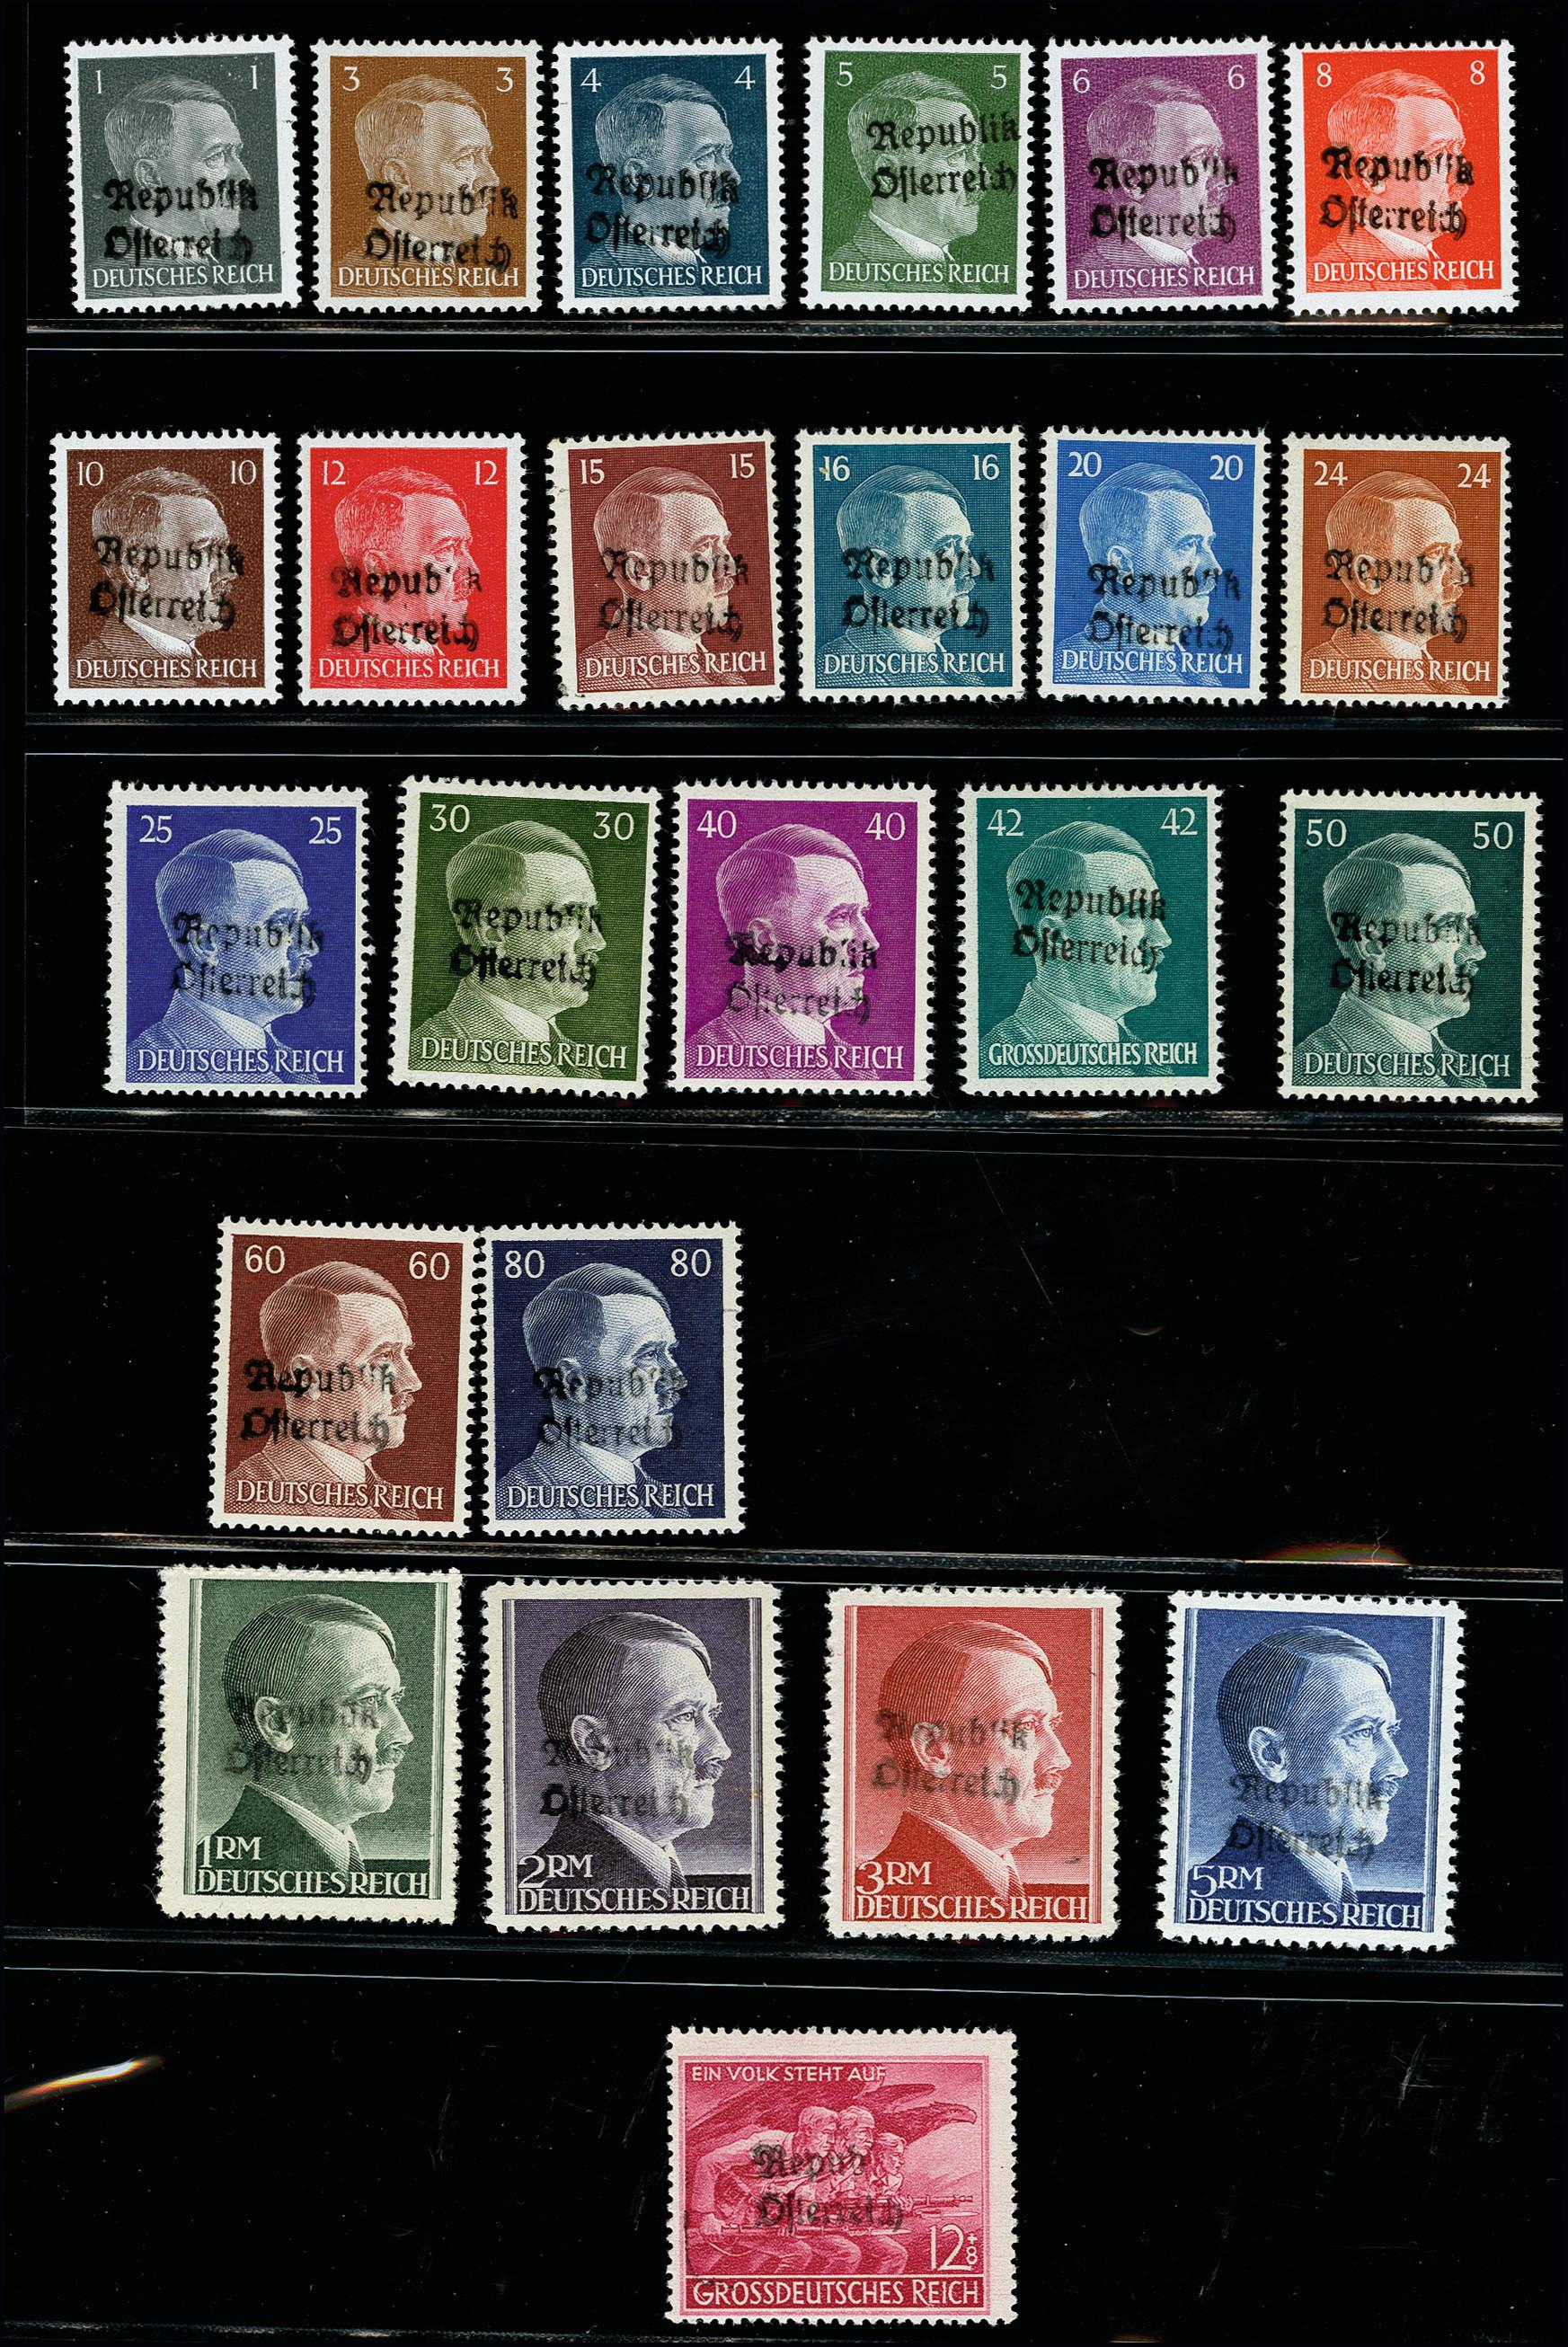 Lot 24 - Austria austria local issues -  Heinrich Koehler Auktionen 373rd Heinrich Köhler auction - Day 1